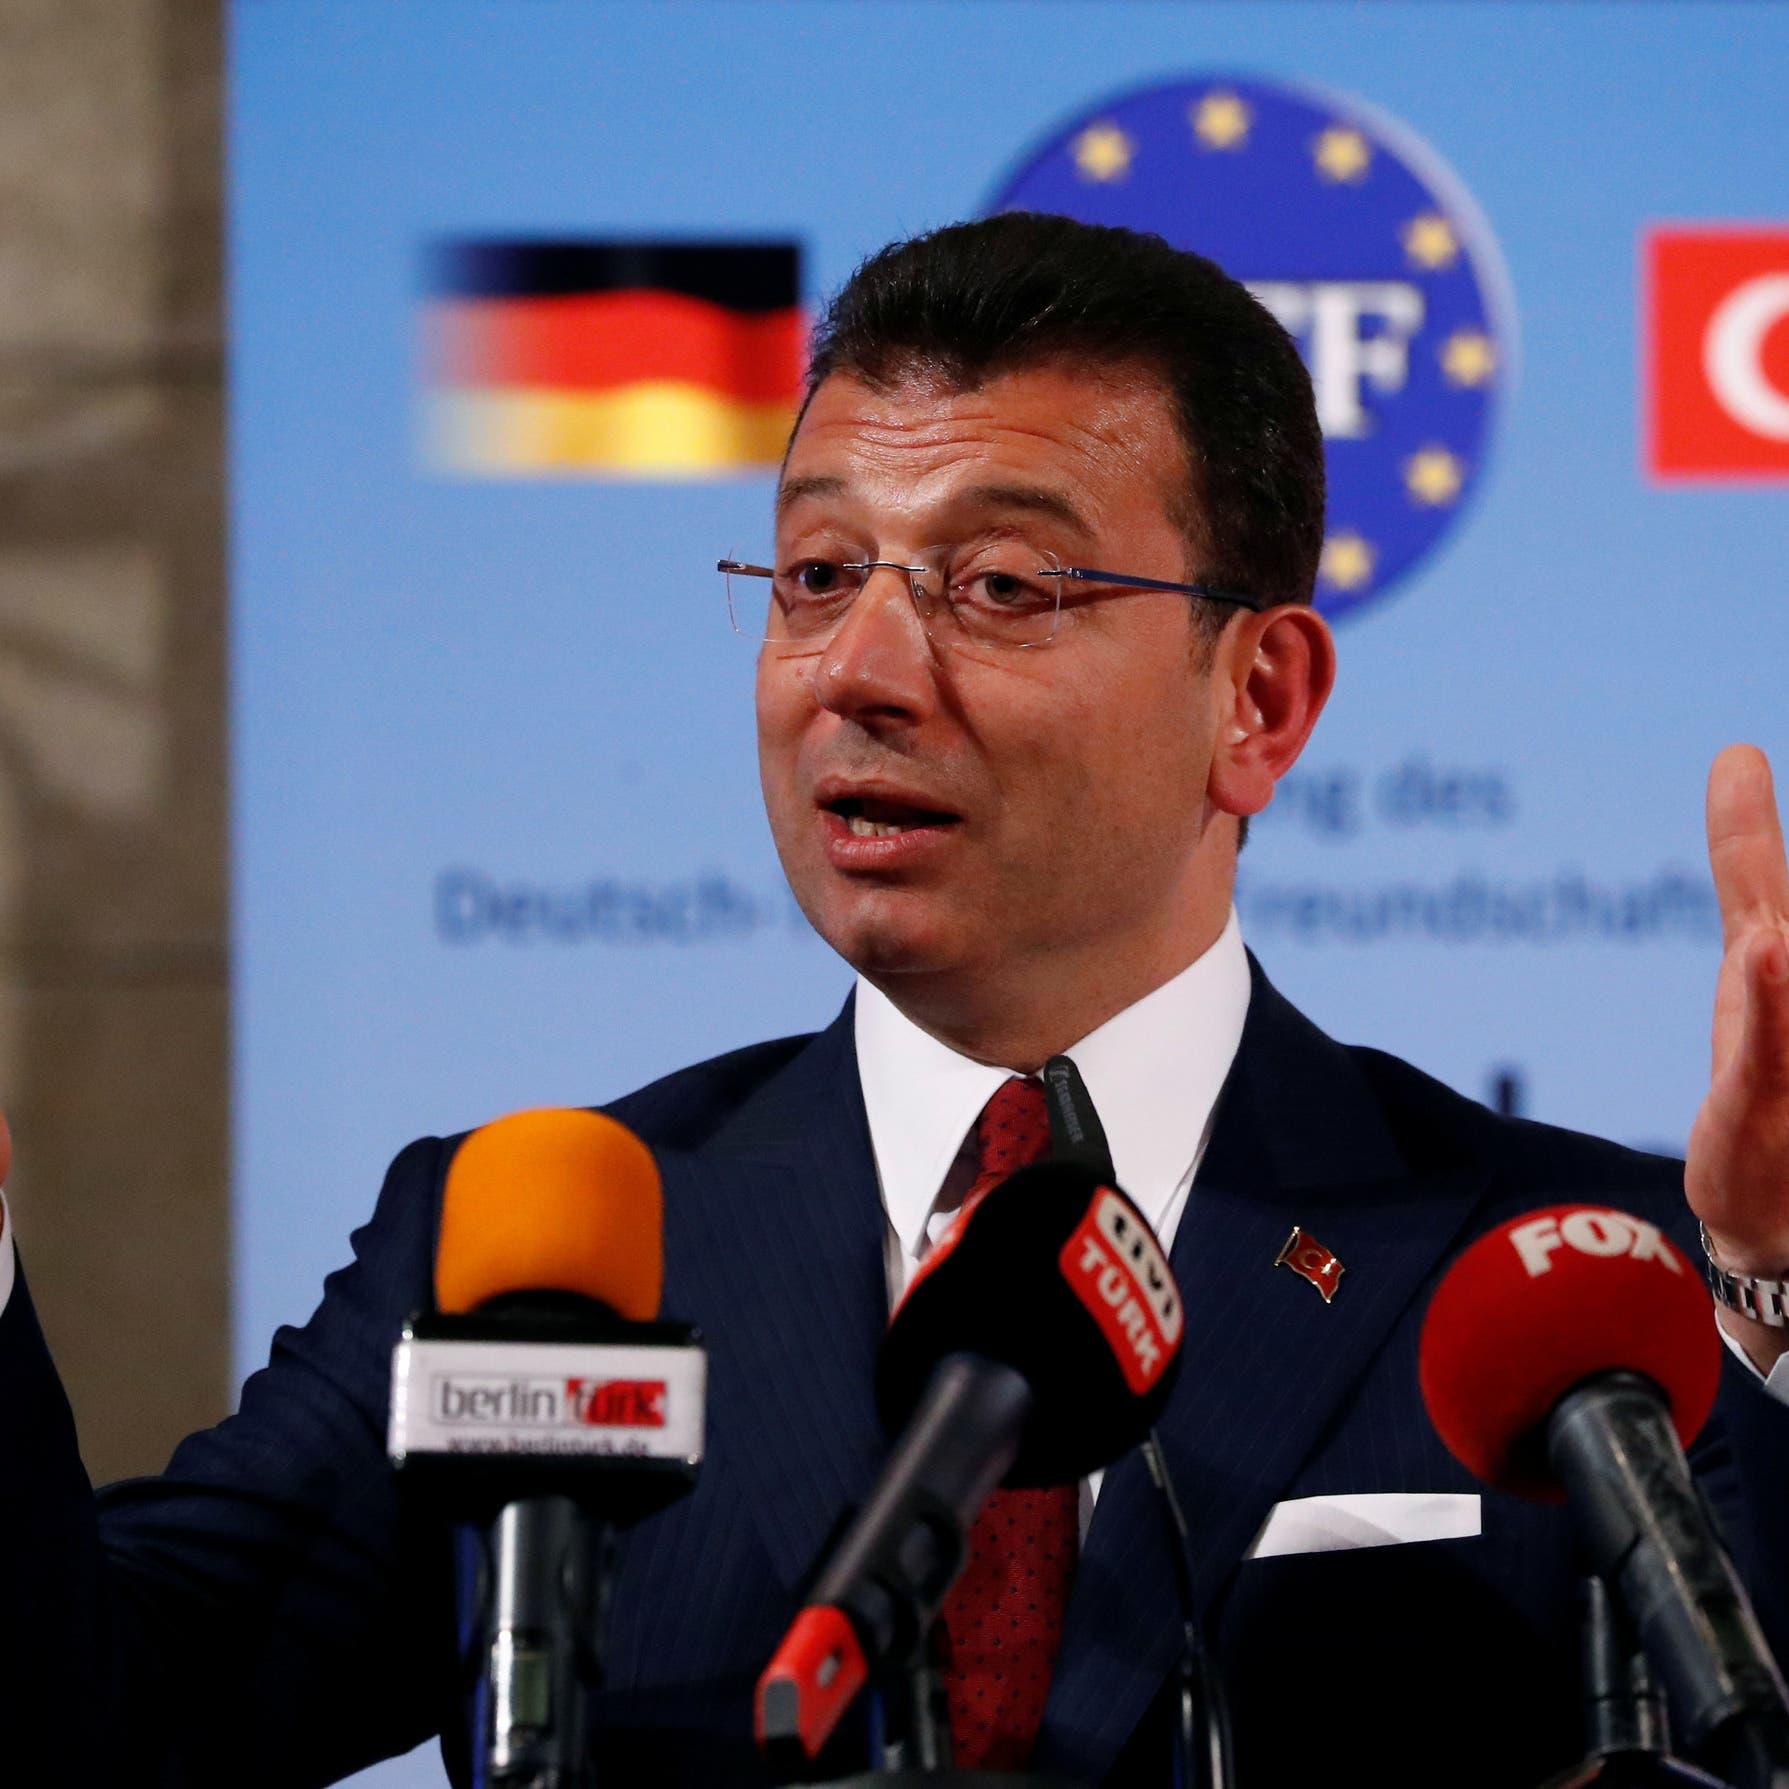 إمام أوغلو: وفيات كورونا بإسطنبول أعلى من مجموعها في تركيا